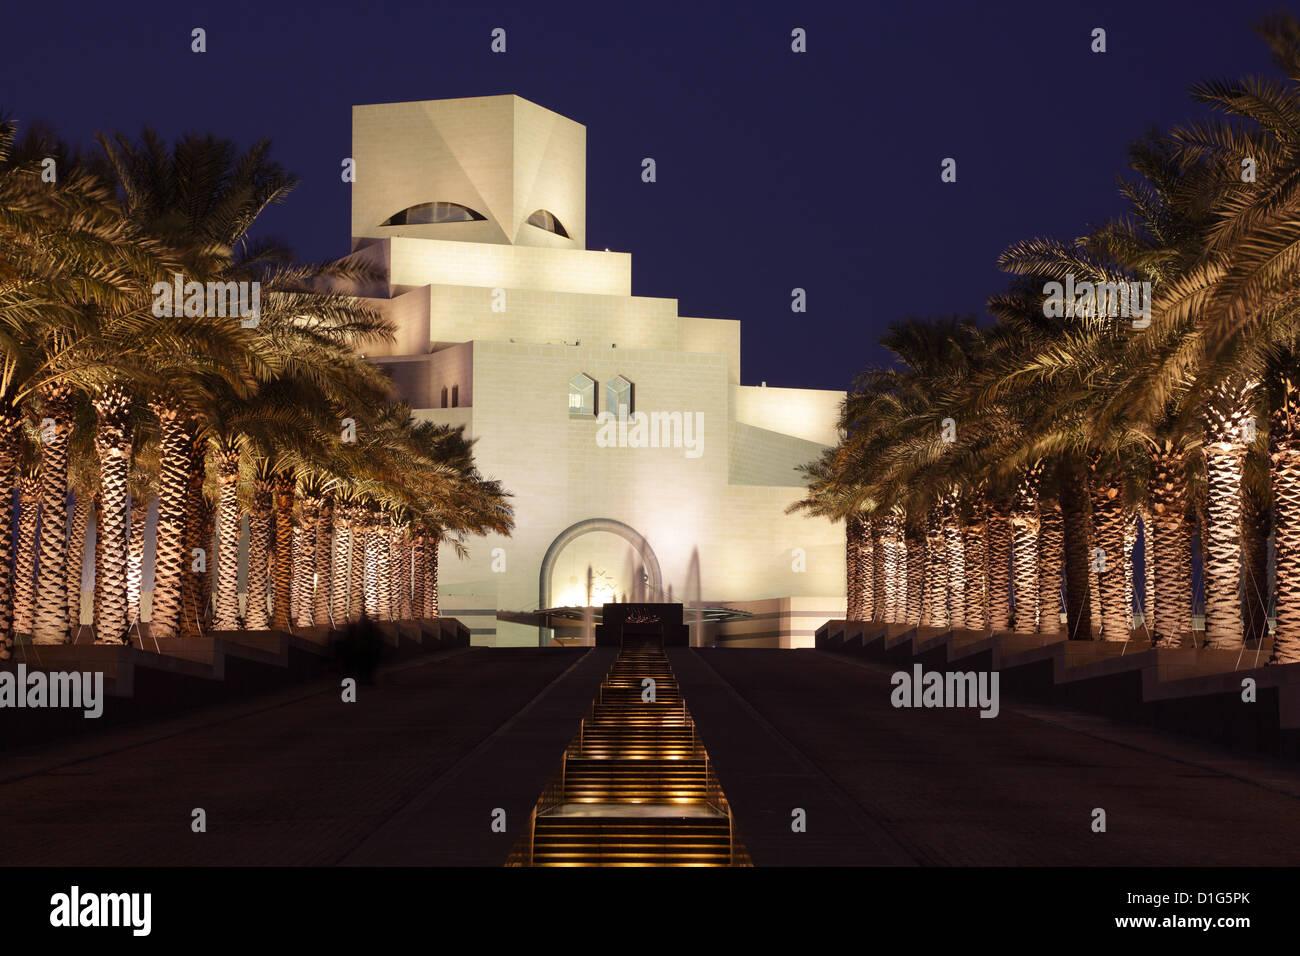 Museo de Arte Islámico en Doha, Qatar Imagen De Stock